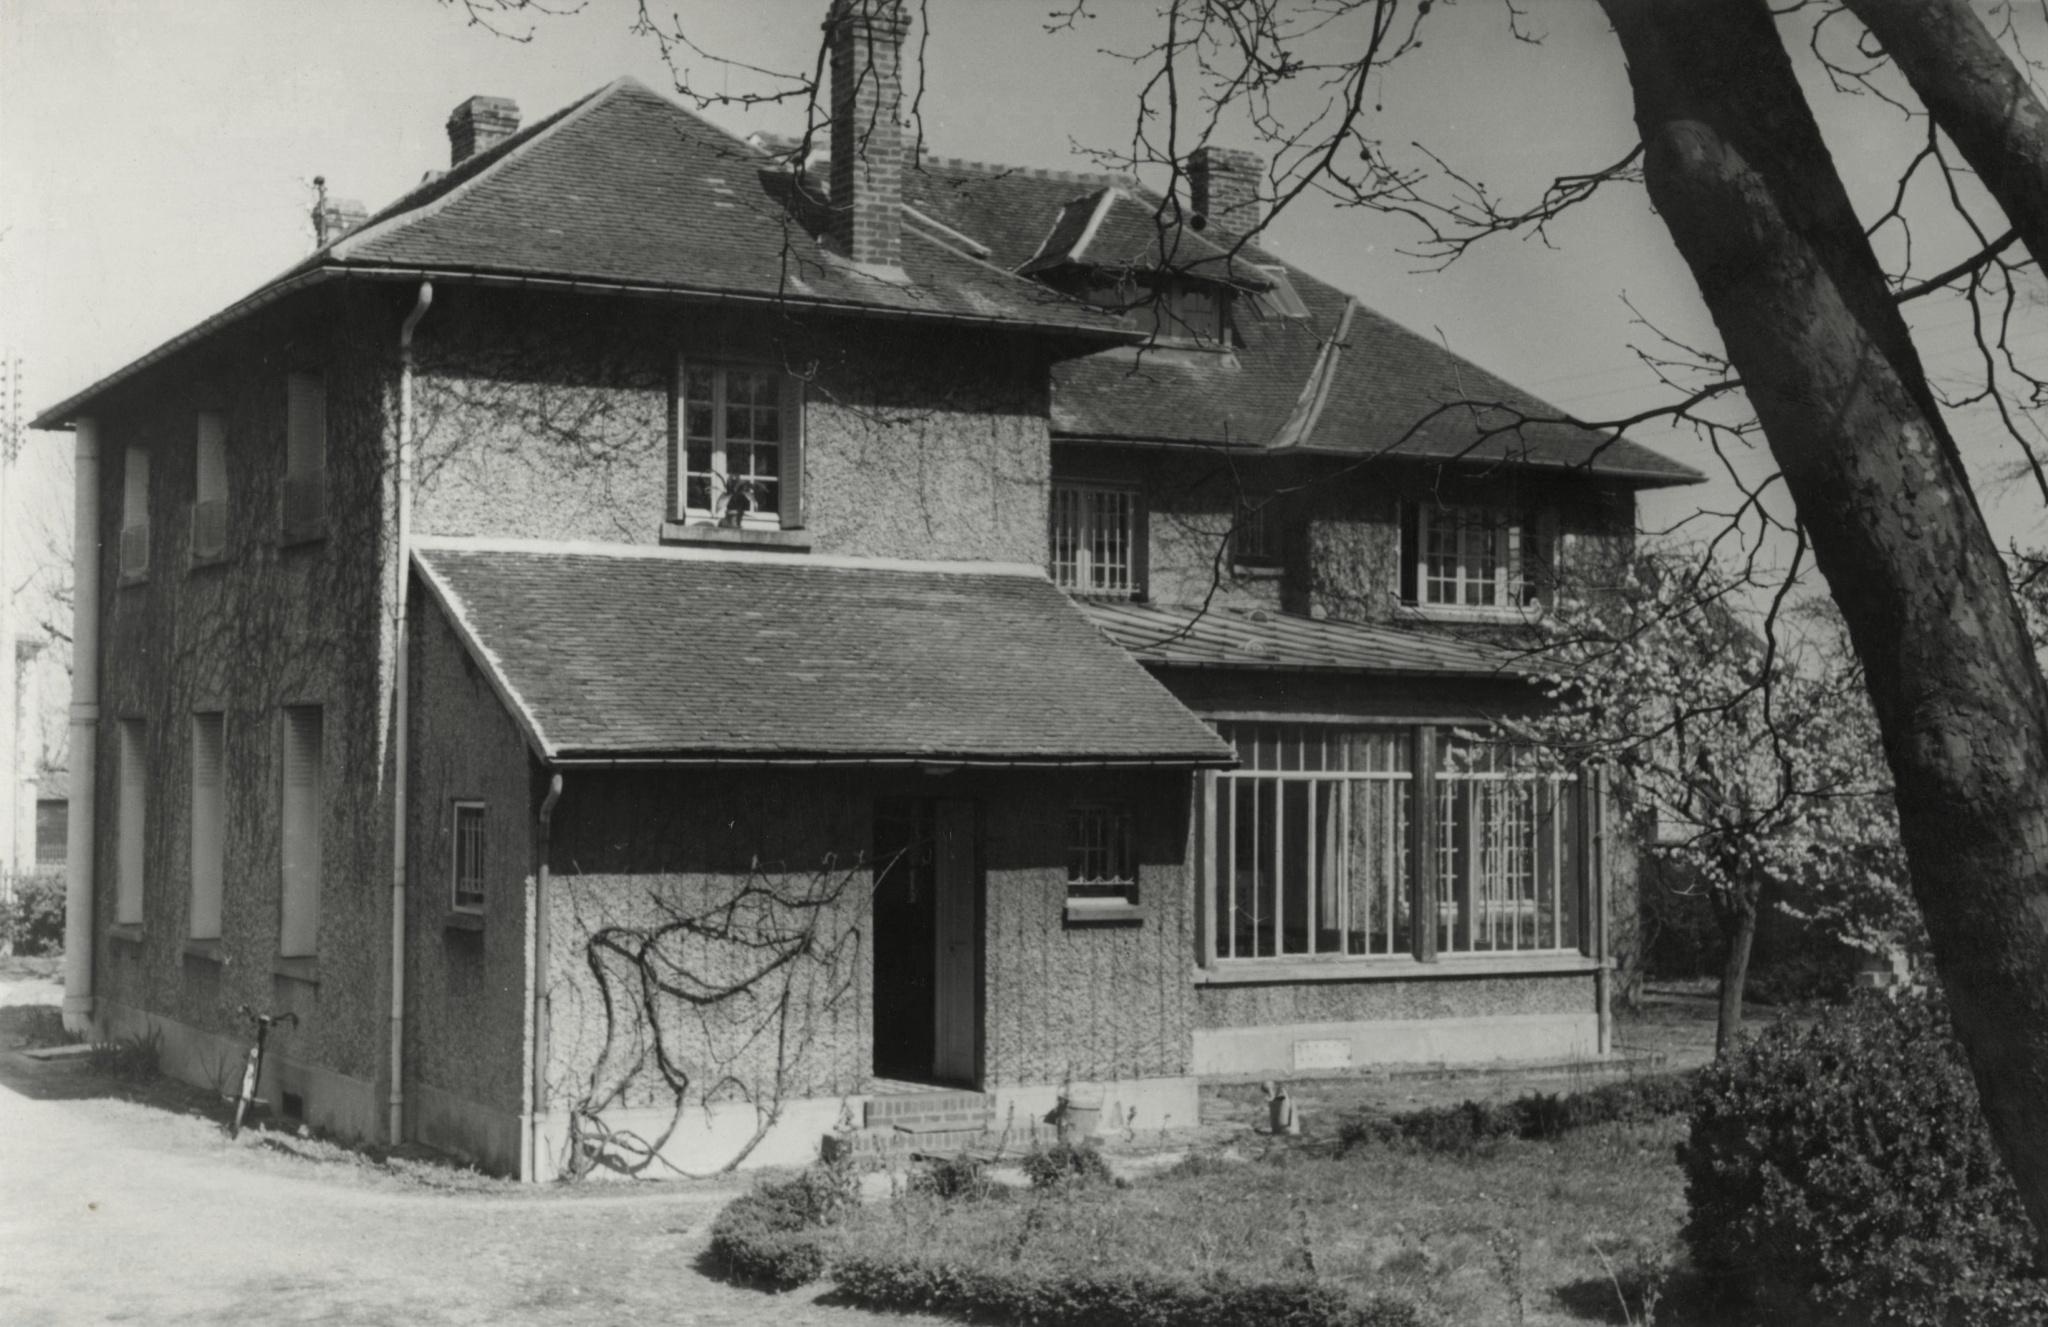 <div class='inner-box'><div class='close-desc'></div>  <span class='opis'>Dom Kultury od strony południowej. Maisons-Laffitte, 1955.</span>   </div>